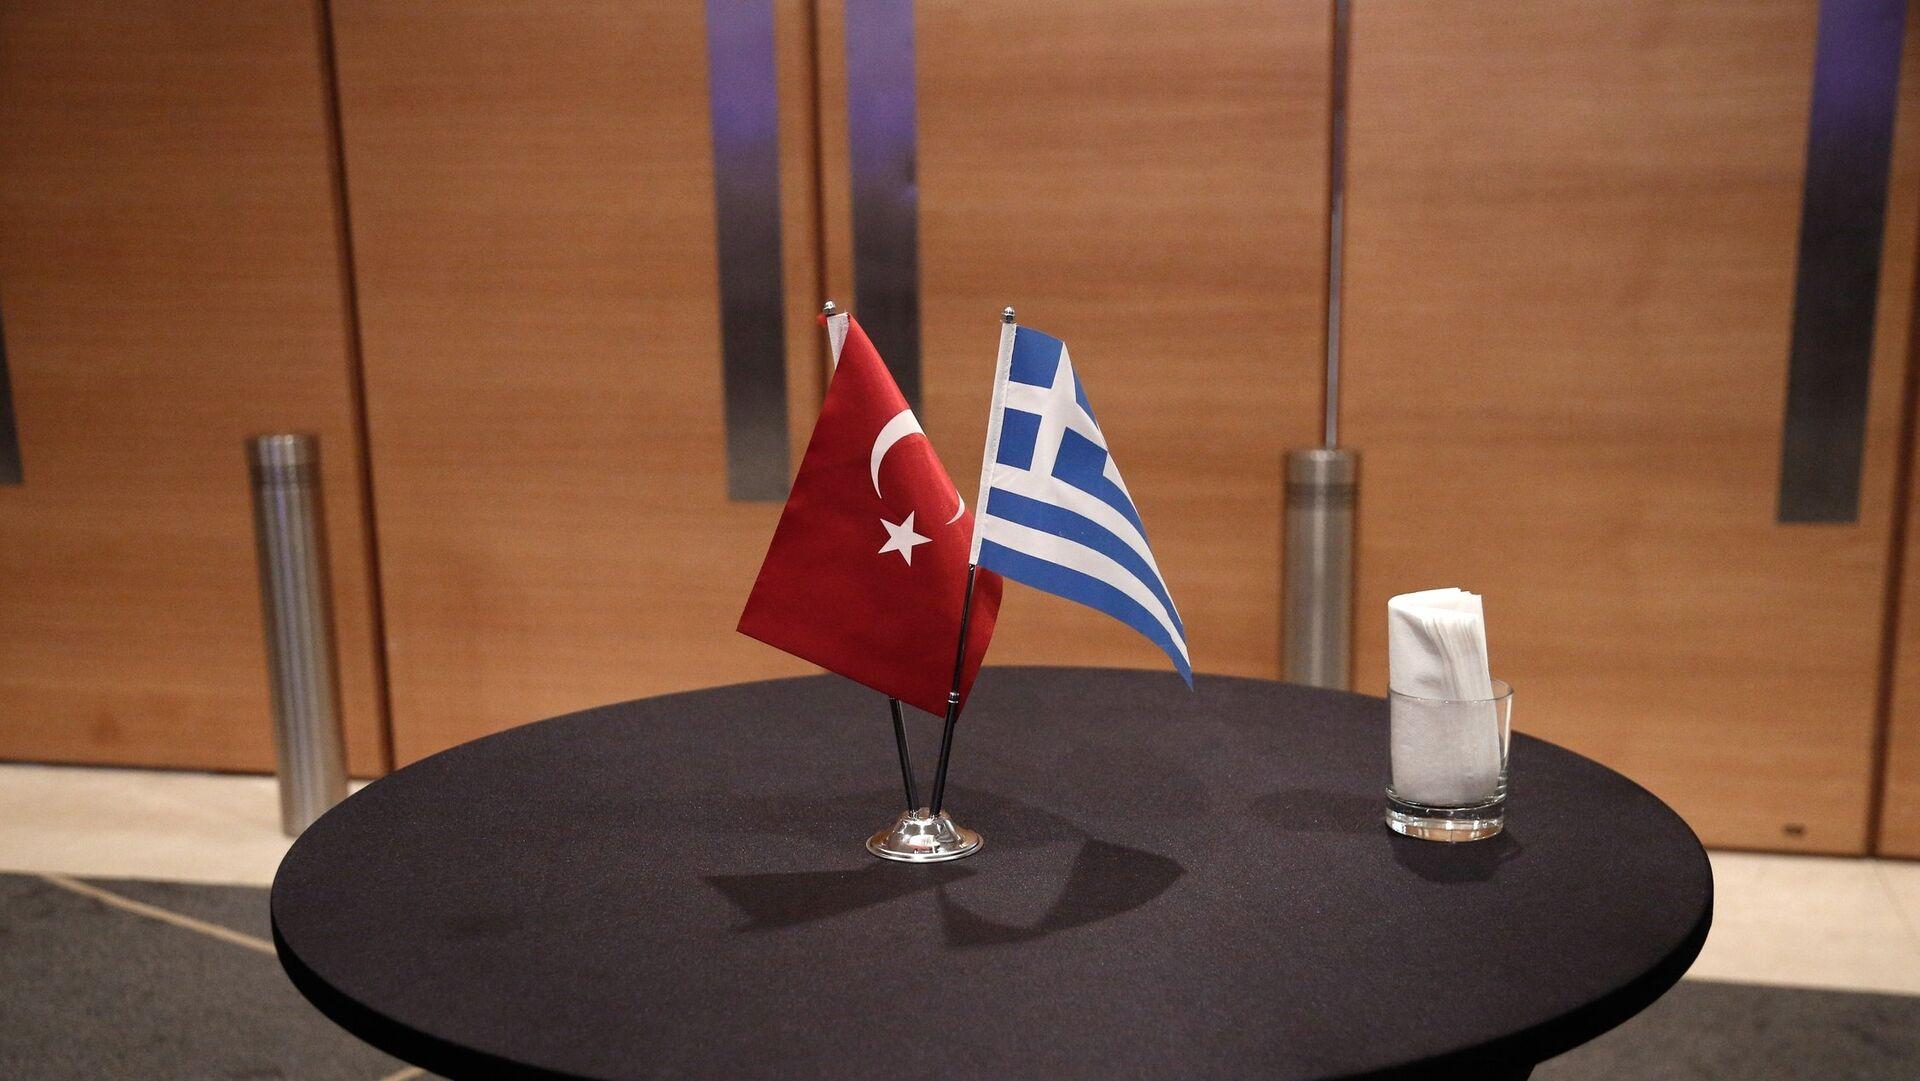 Ελληνική και τουρκική σημαία - Sputnik Ελλάδα, 1920, 06.10.2021